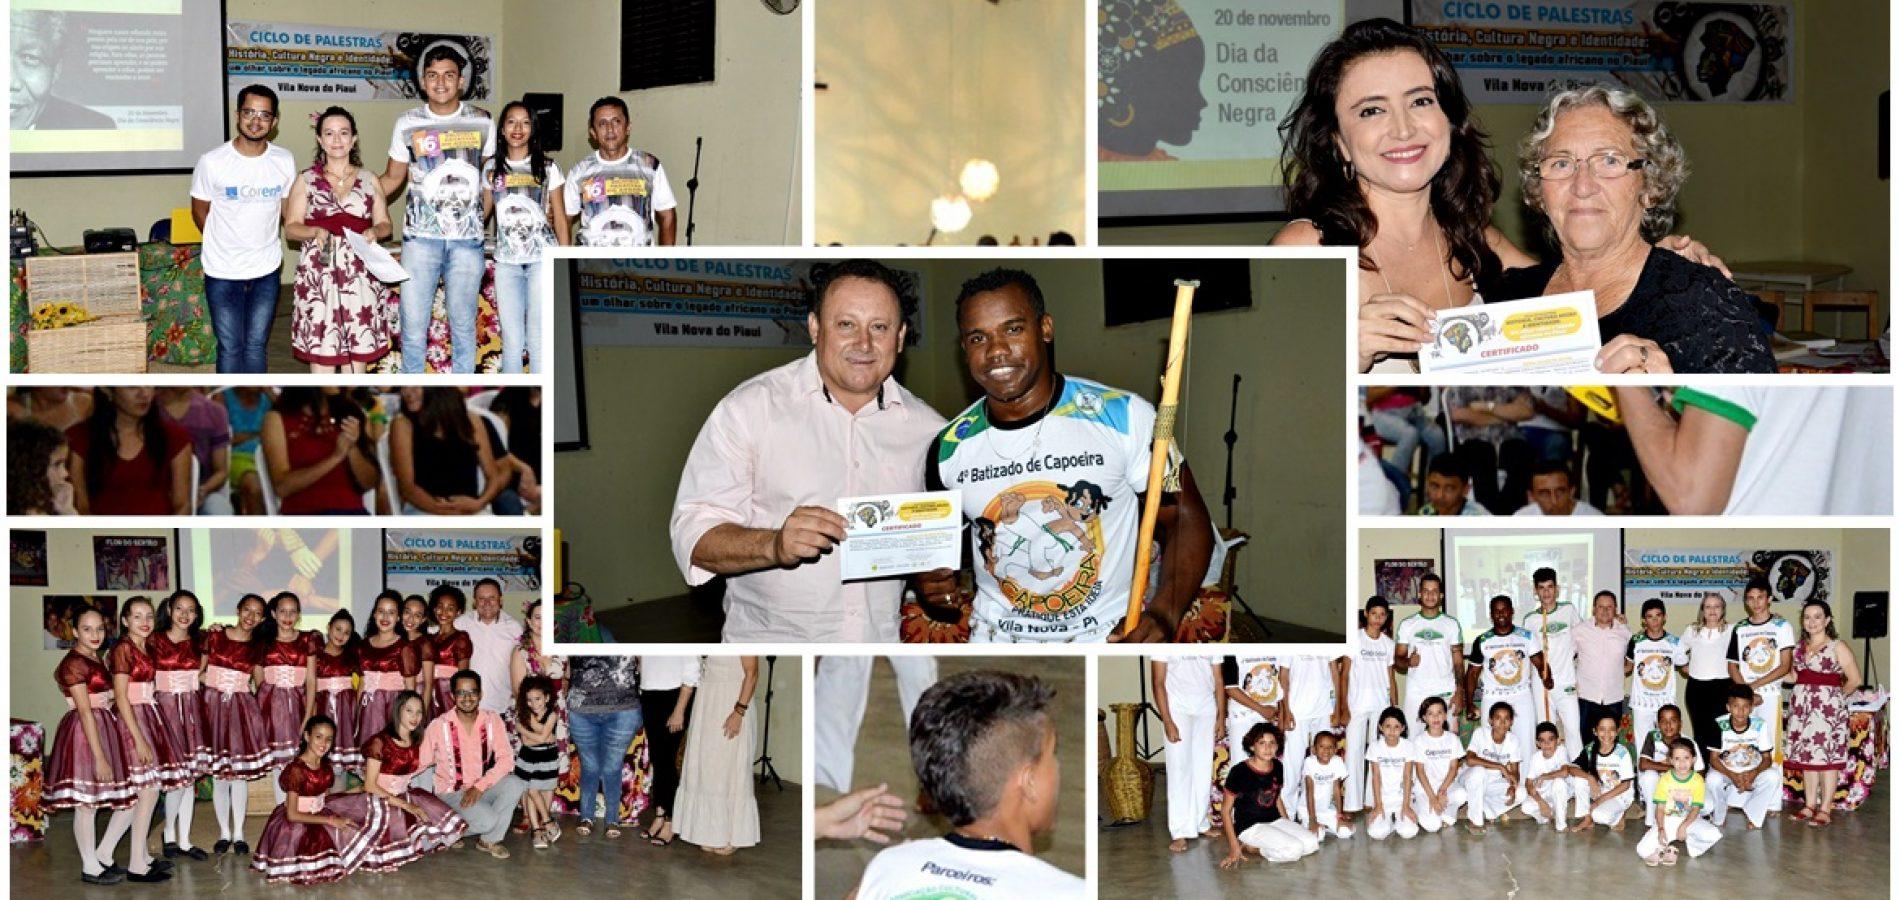 Com grande público, Secretaria de Cultura encerra II Ciclo de palestras sobre a consciência negra em Vila Nova do PI